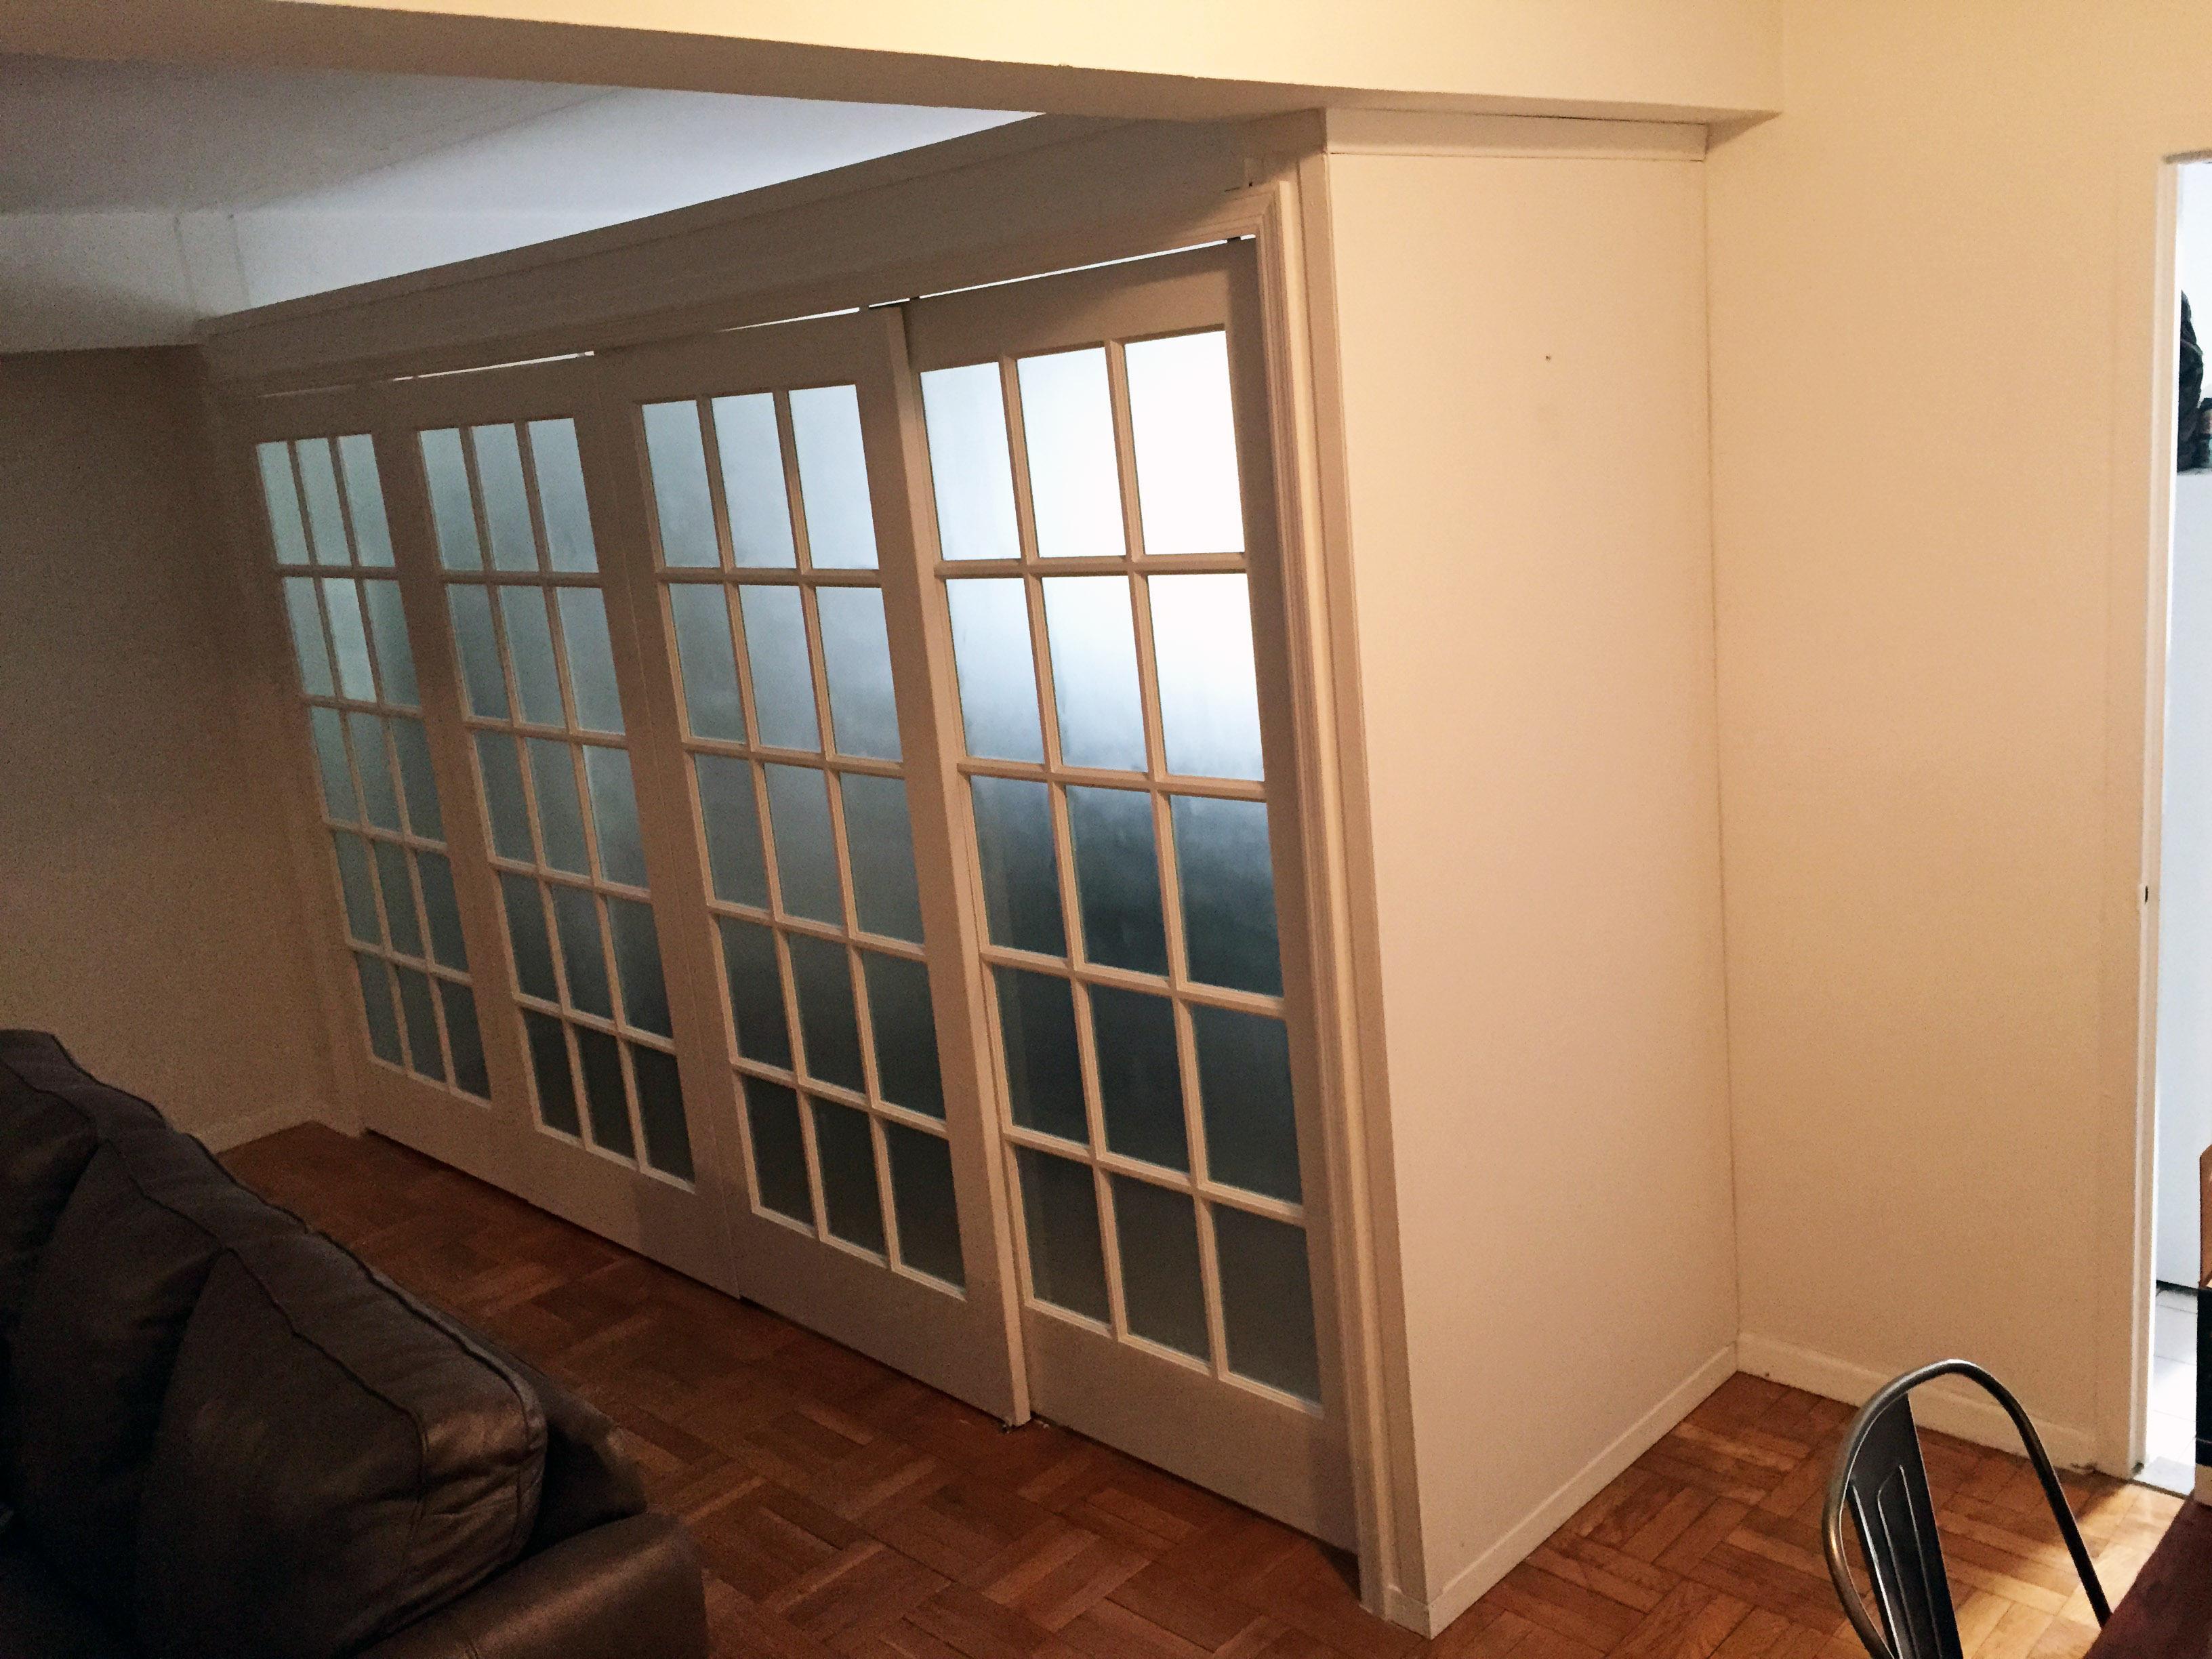 Wall 2 Wall NY image 1